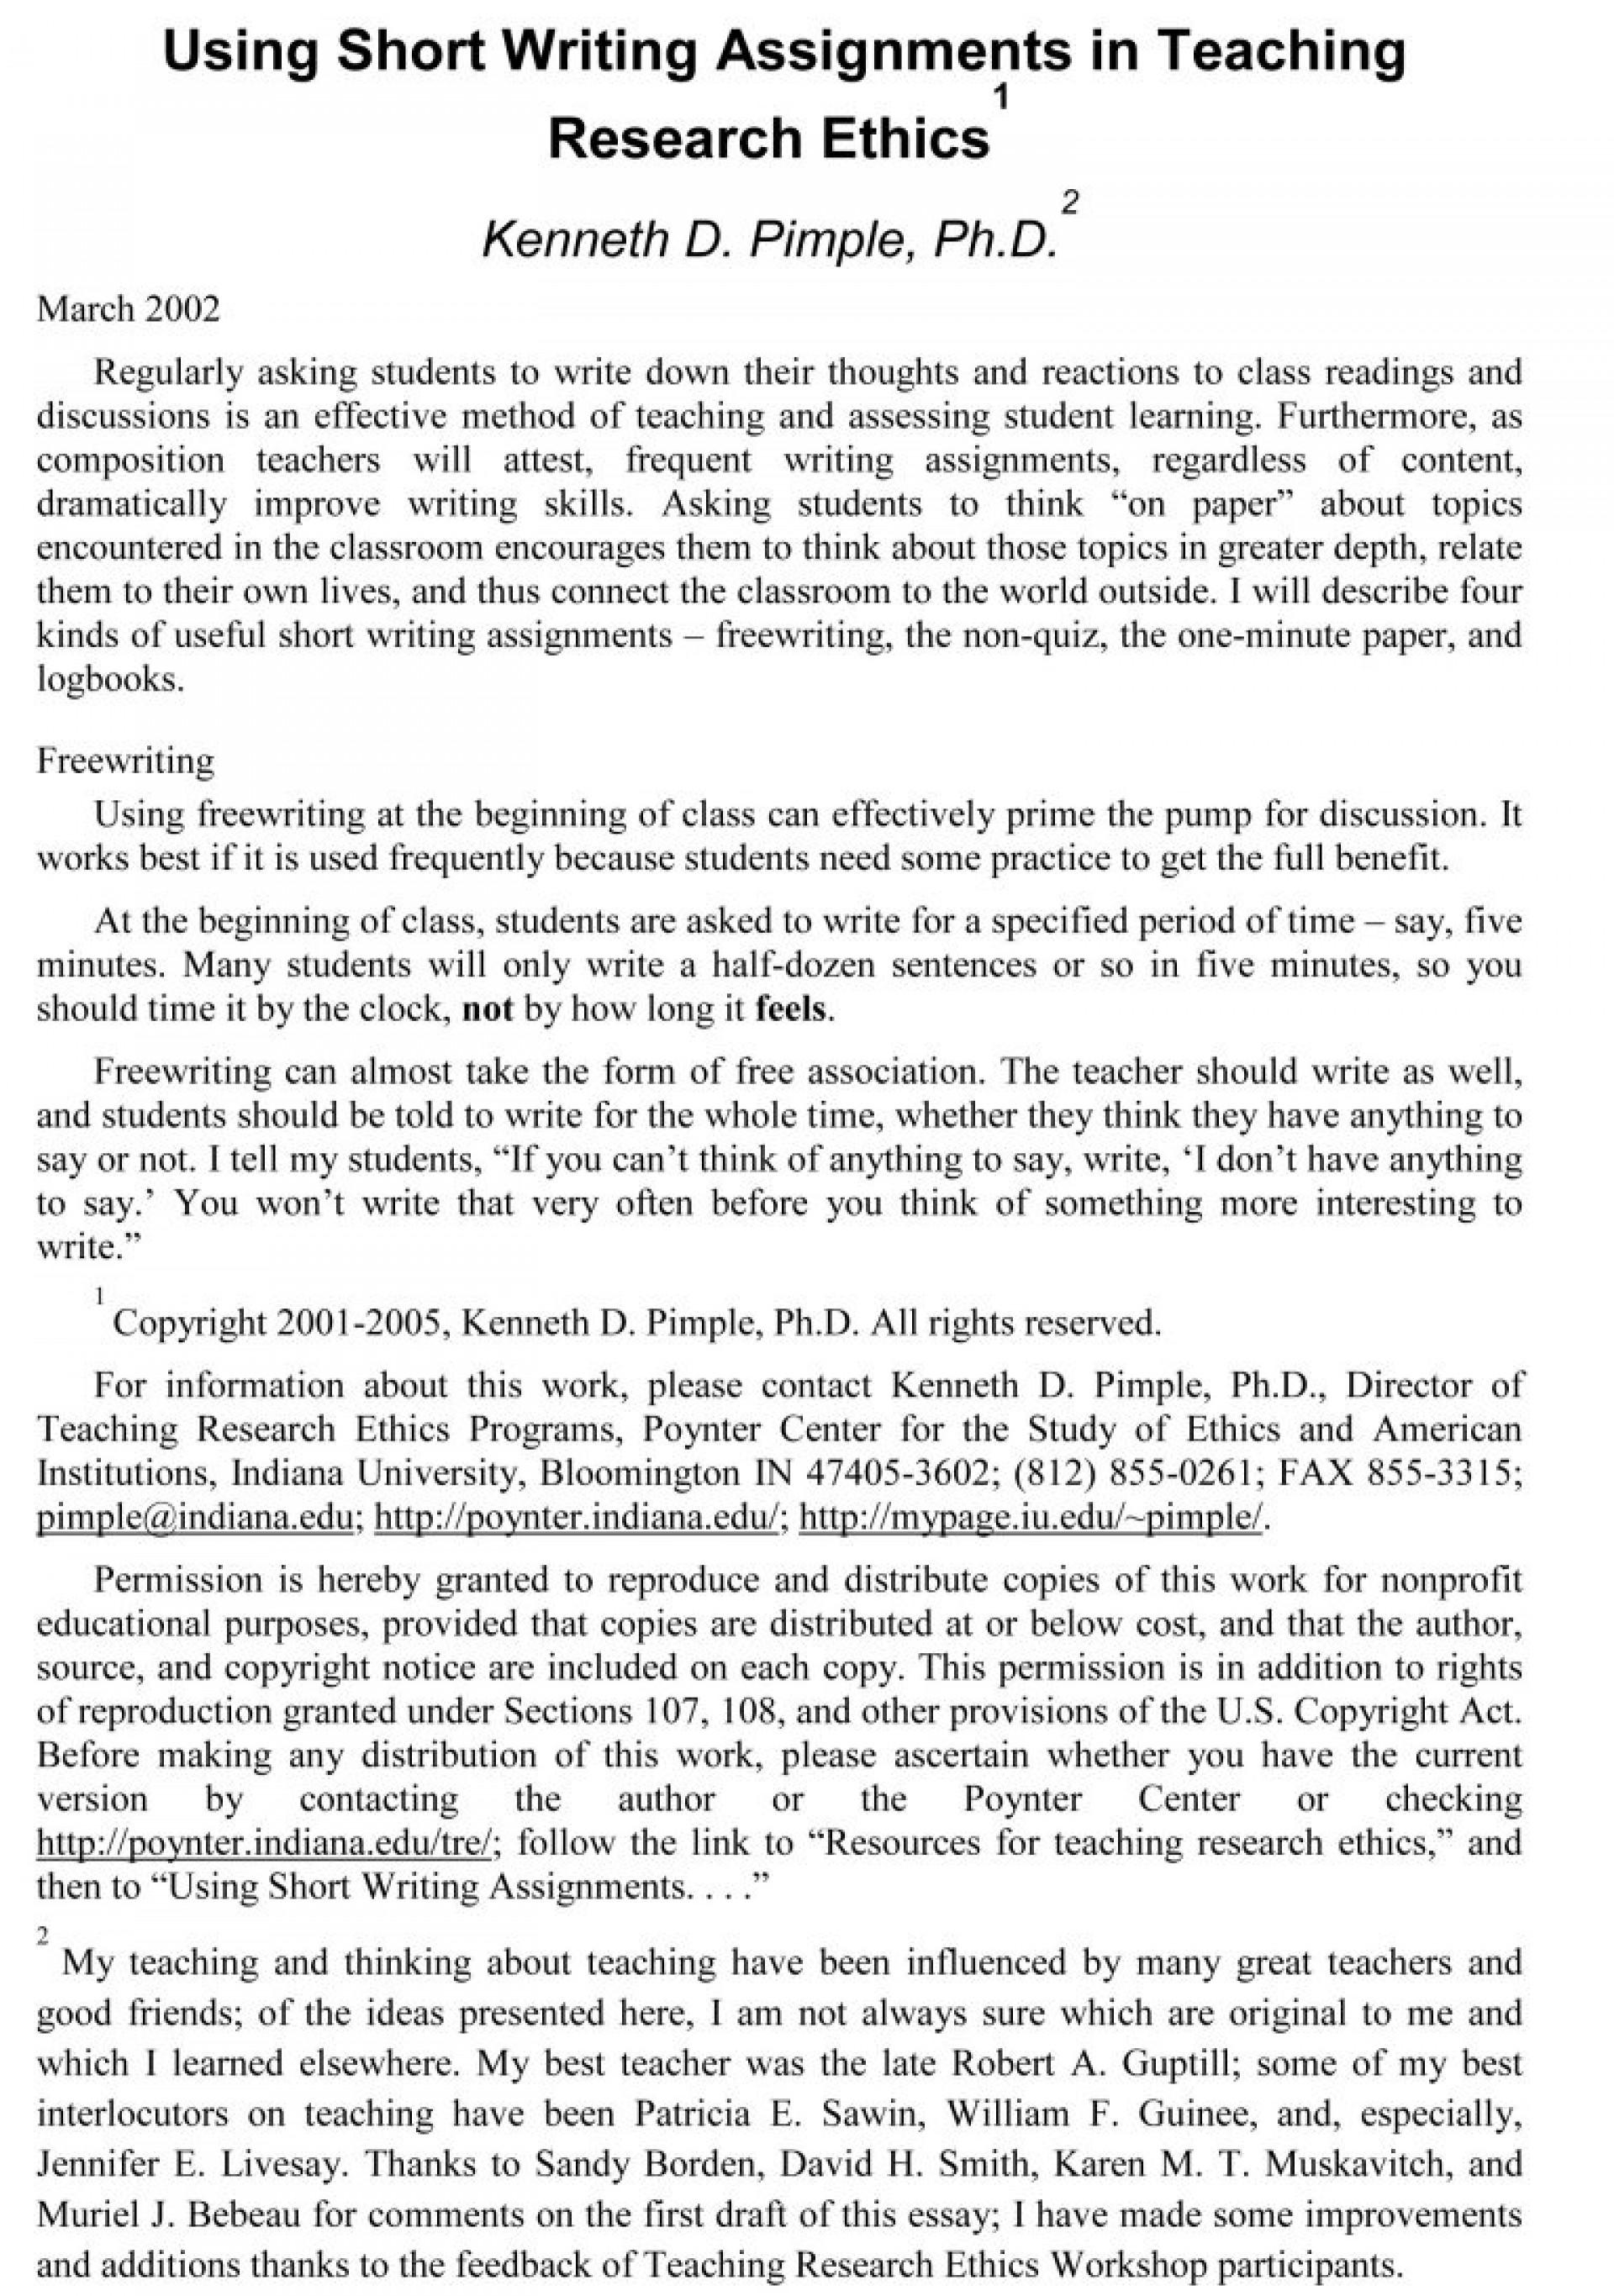 006 Fresh Essays Essay Example Wondrous Contact Uk 1920